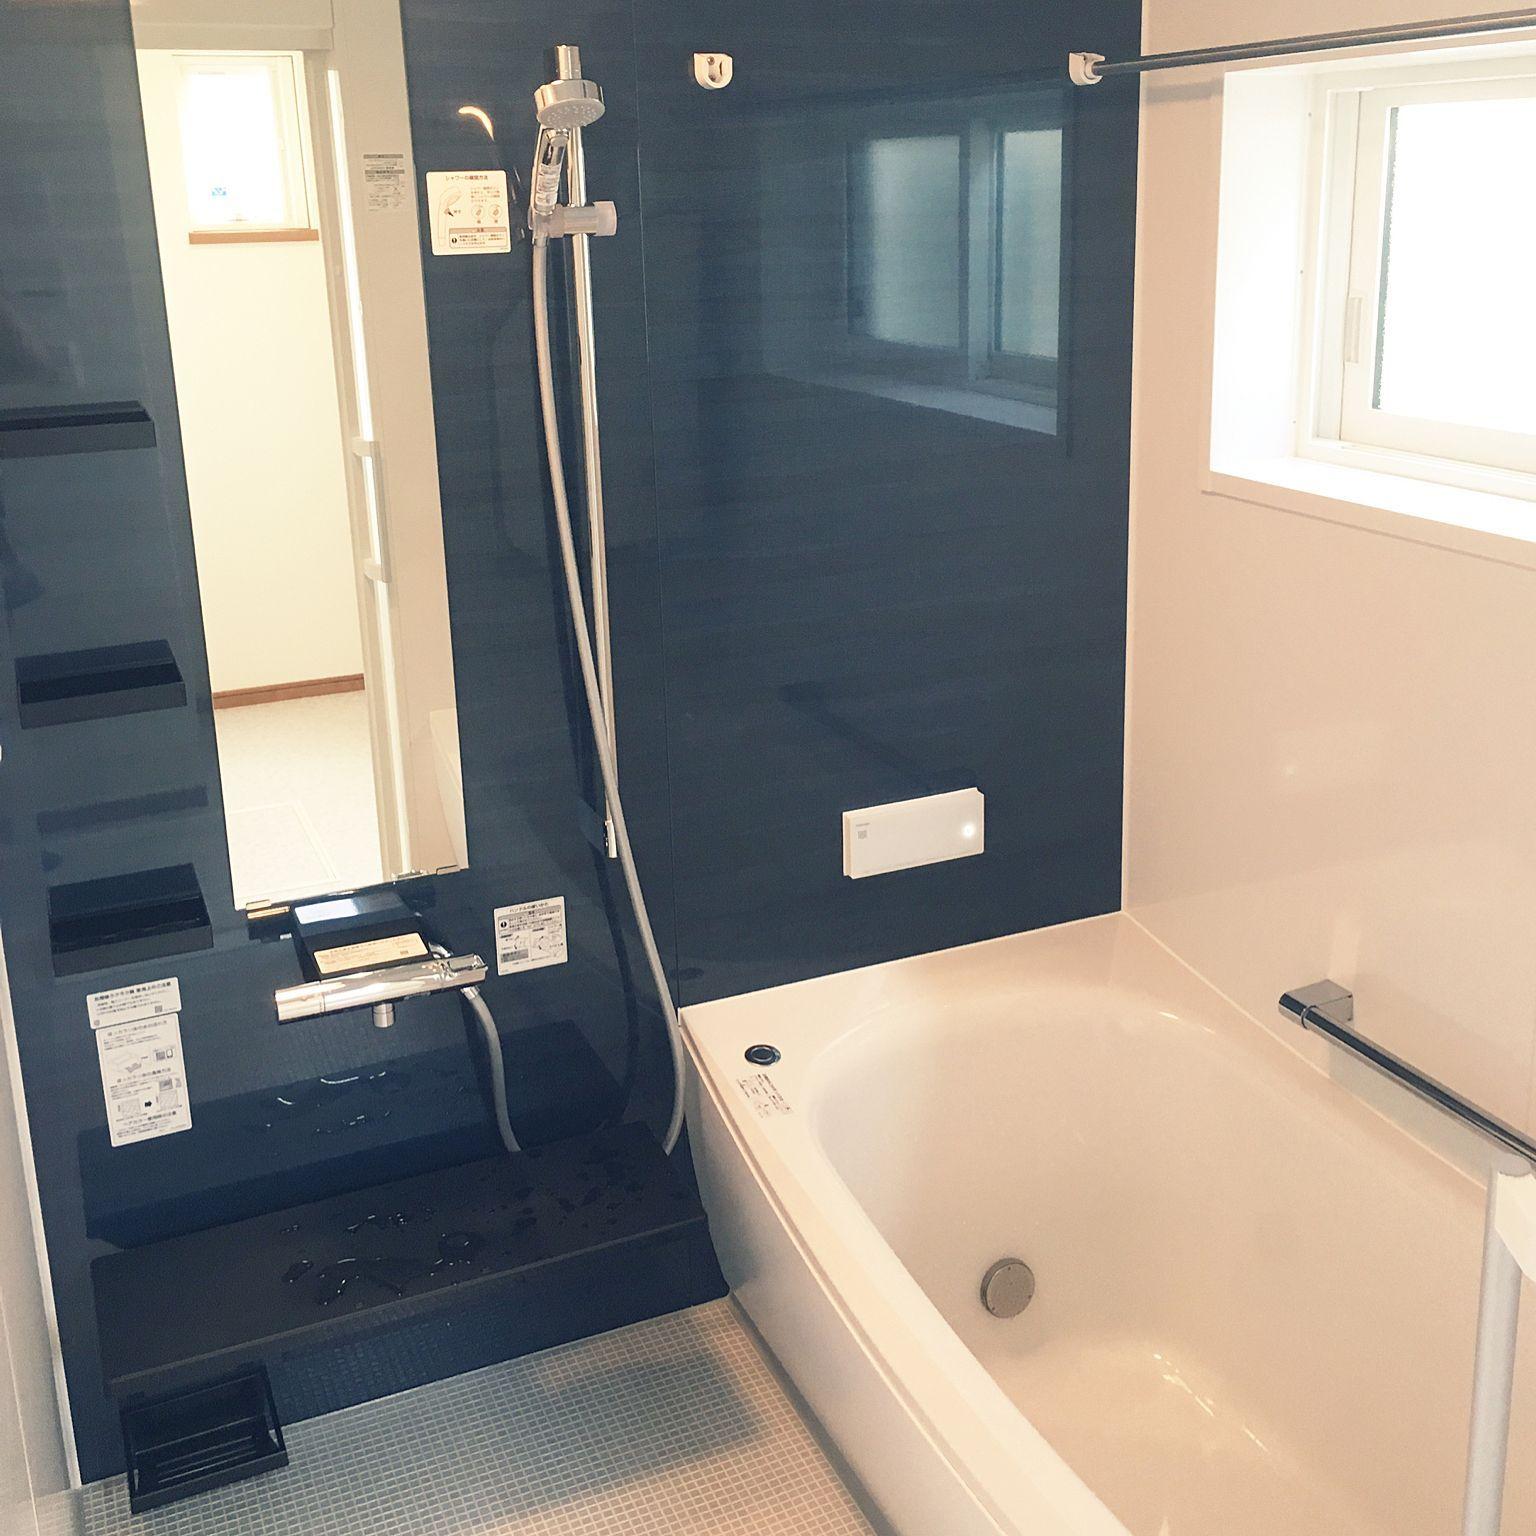 バス トイレ ダークブルー Totoサザナ ゆりかご浴槽 クレイドル浴槽